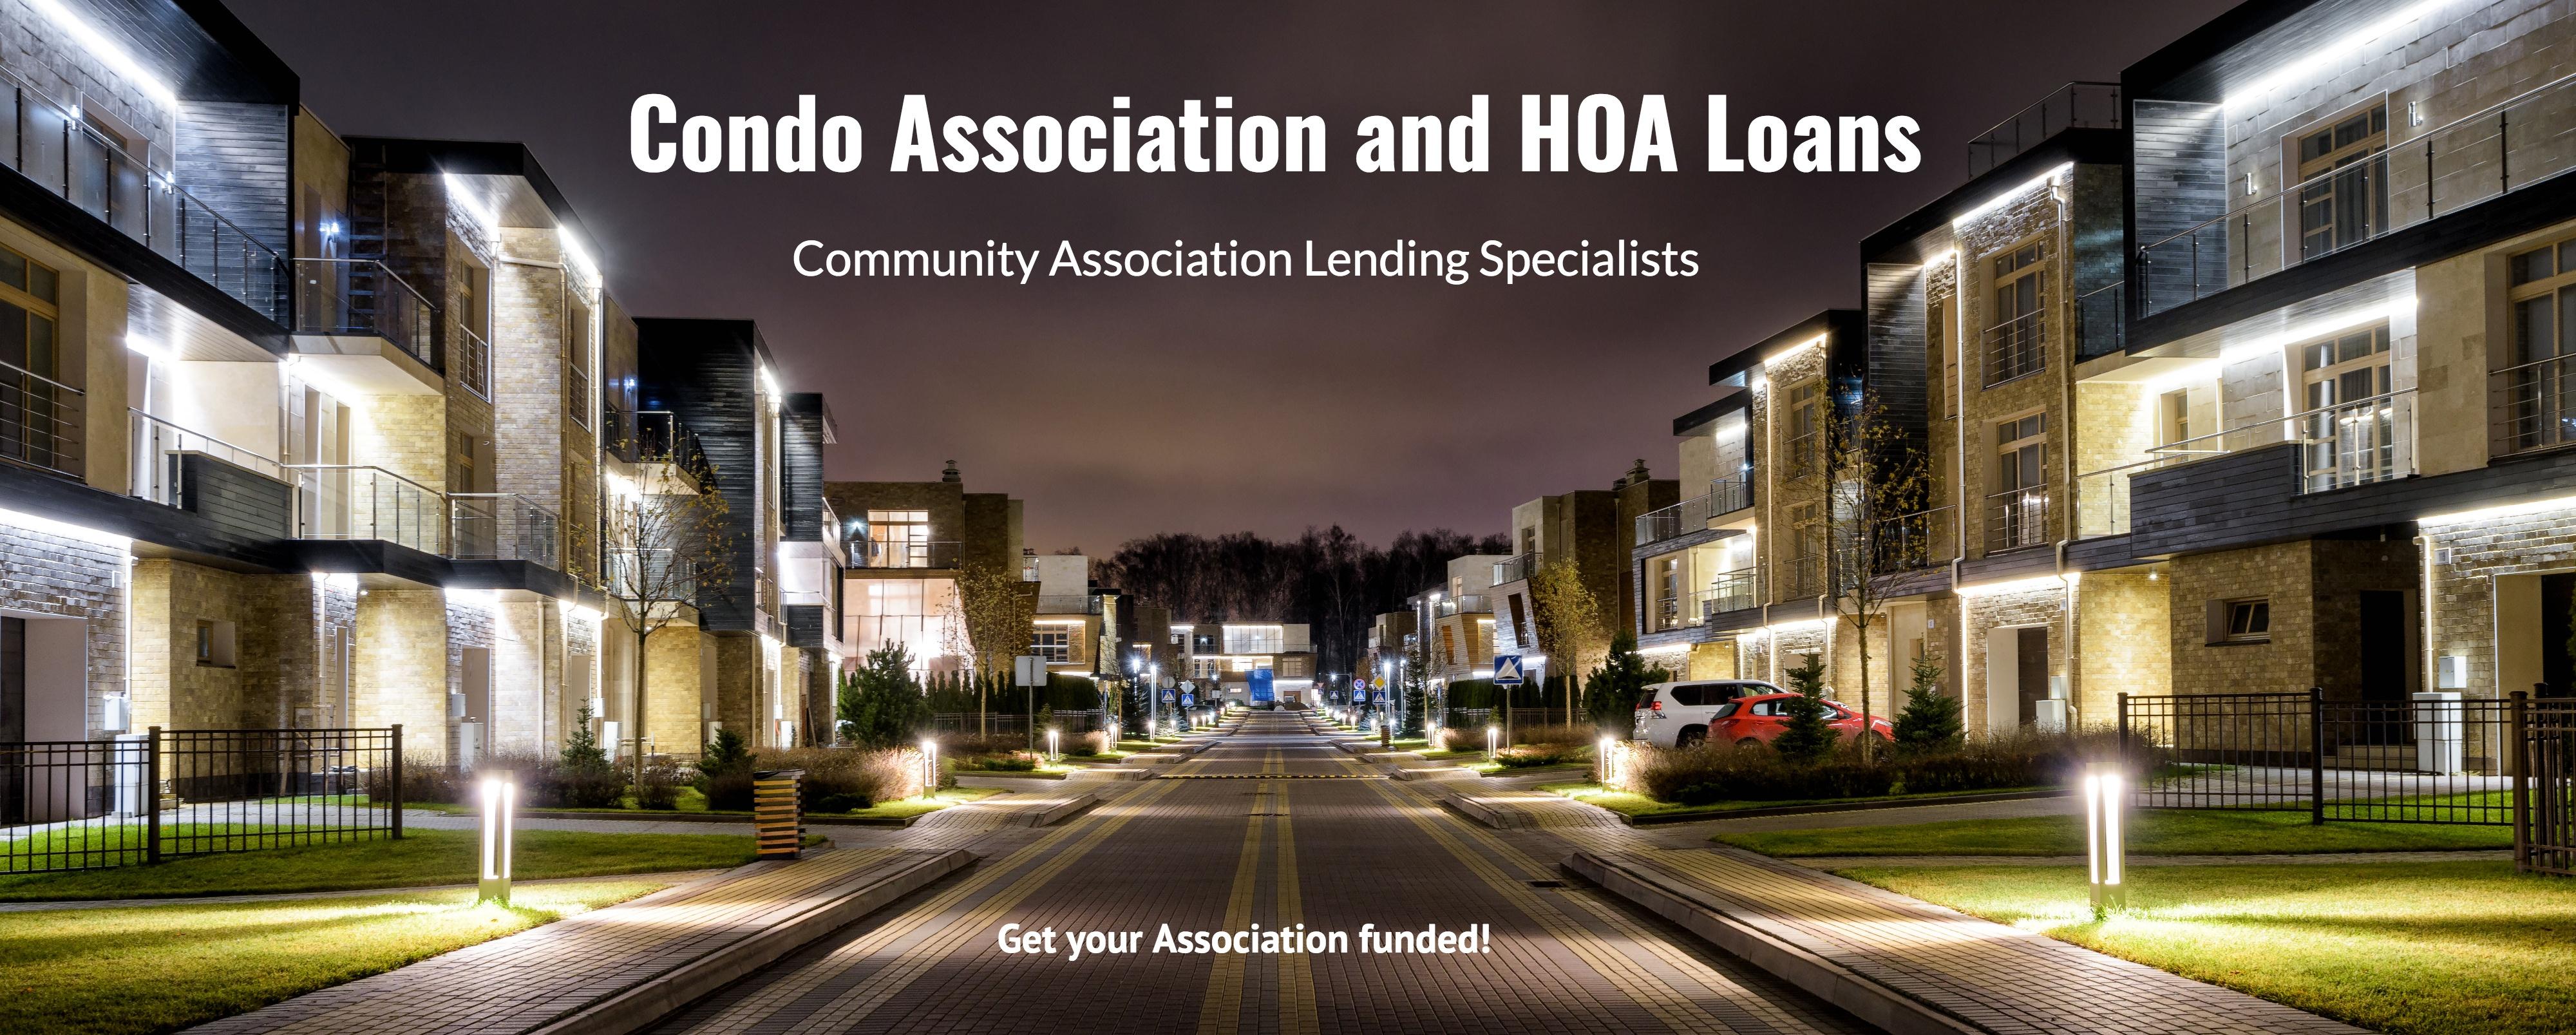 association lending